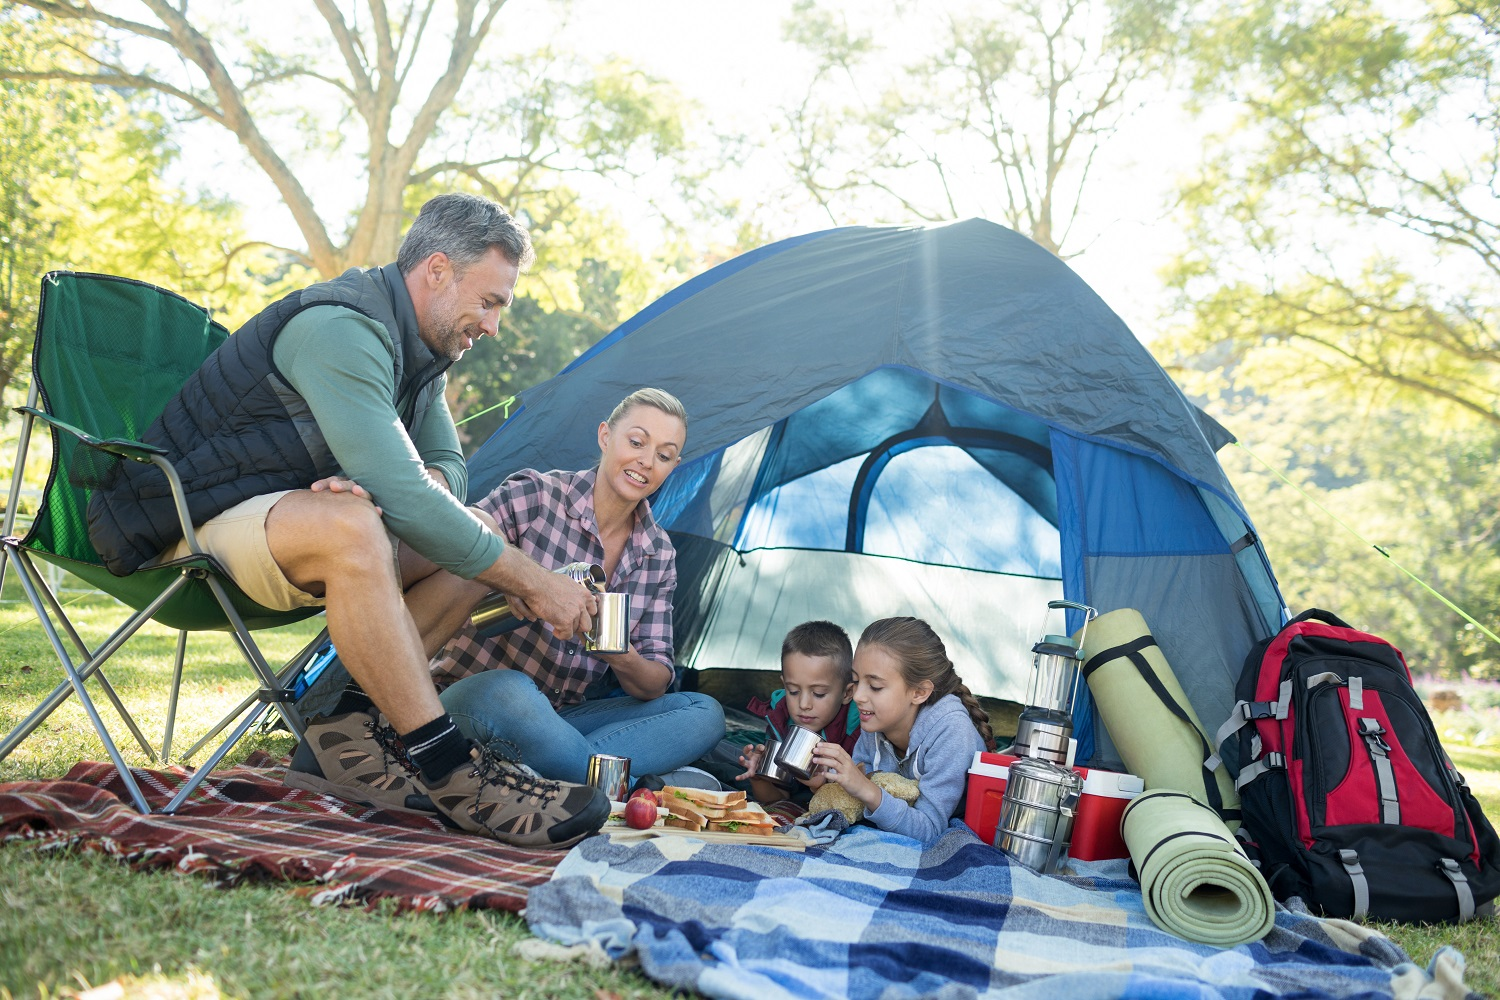 Weekend w ekstremalnych warunkach – jak odpowiednio zadbać o higienę pod namiotem?